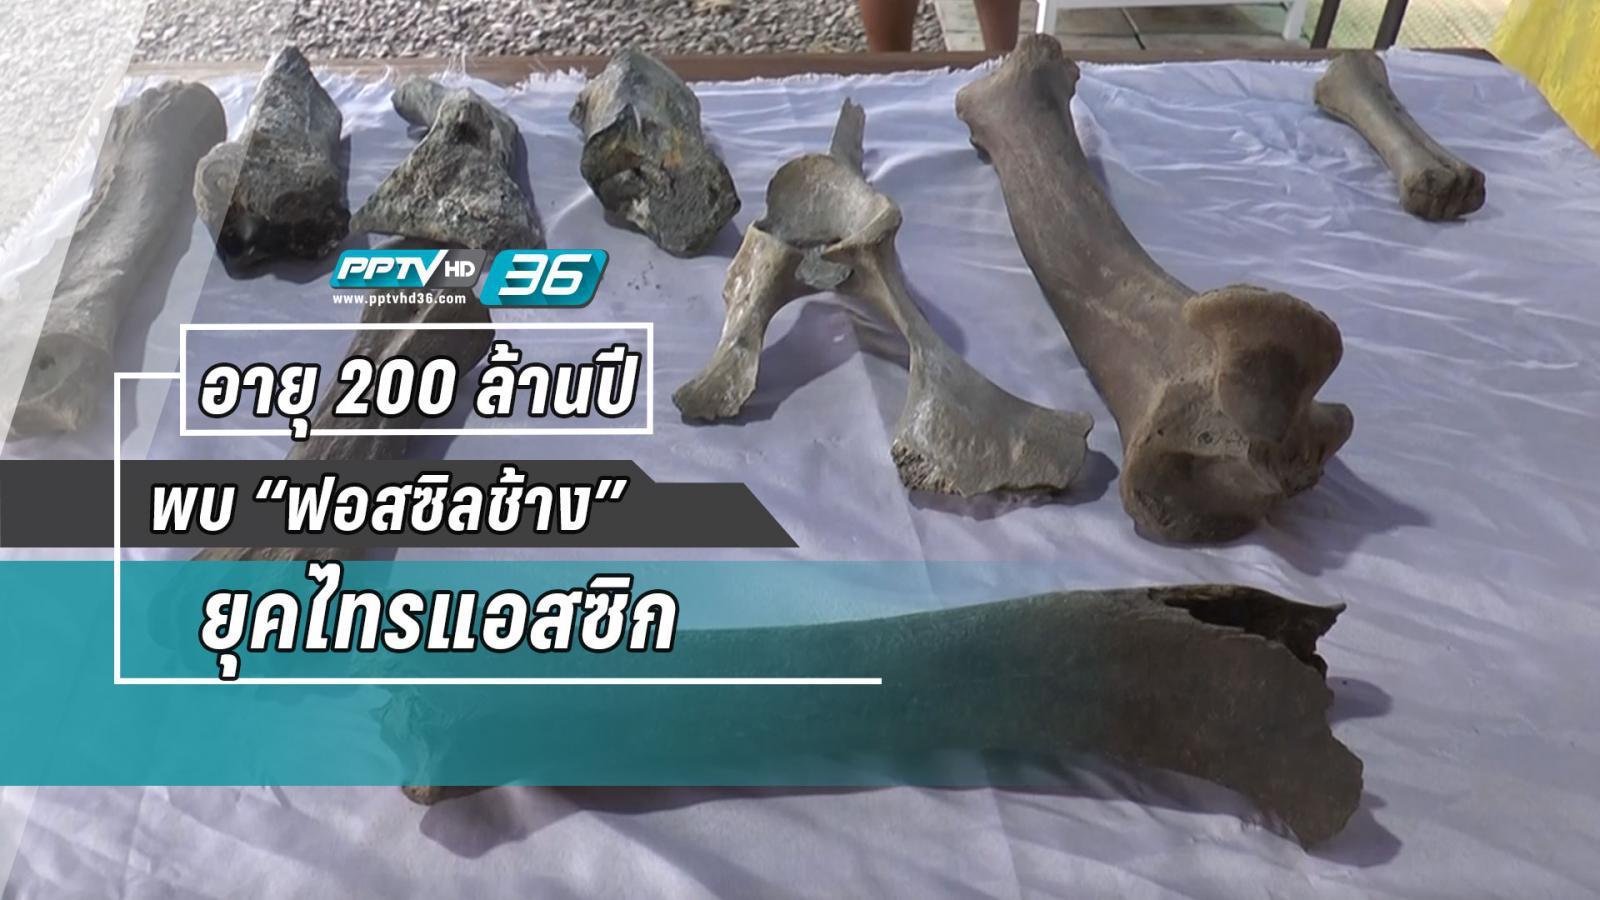 """พบฟอสซิล""""ช้างยุคไทรแอสซิก""""อายุ 200 ล้านปี"""